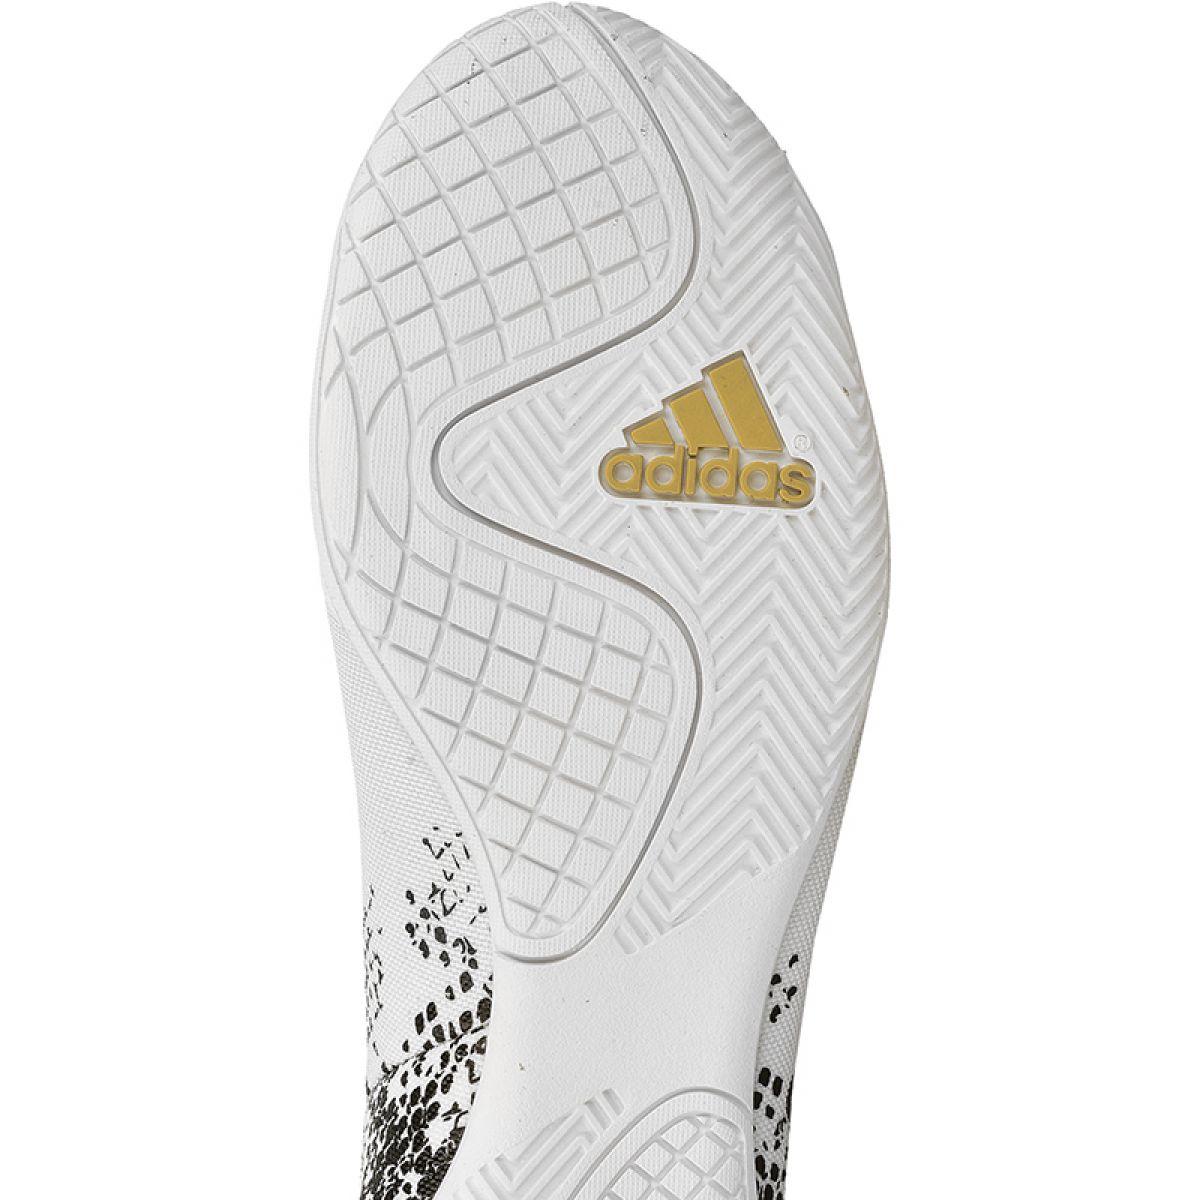 Ejercer sin gastos generales  Adidas X 16.3 Court M In S79705 indoor shoes white white - ButyModne.pl